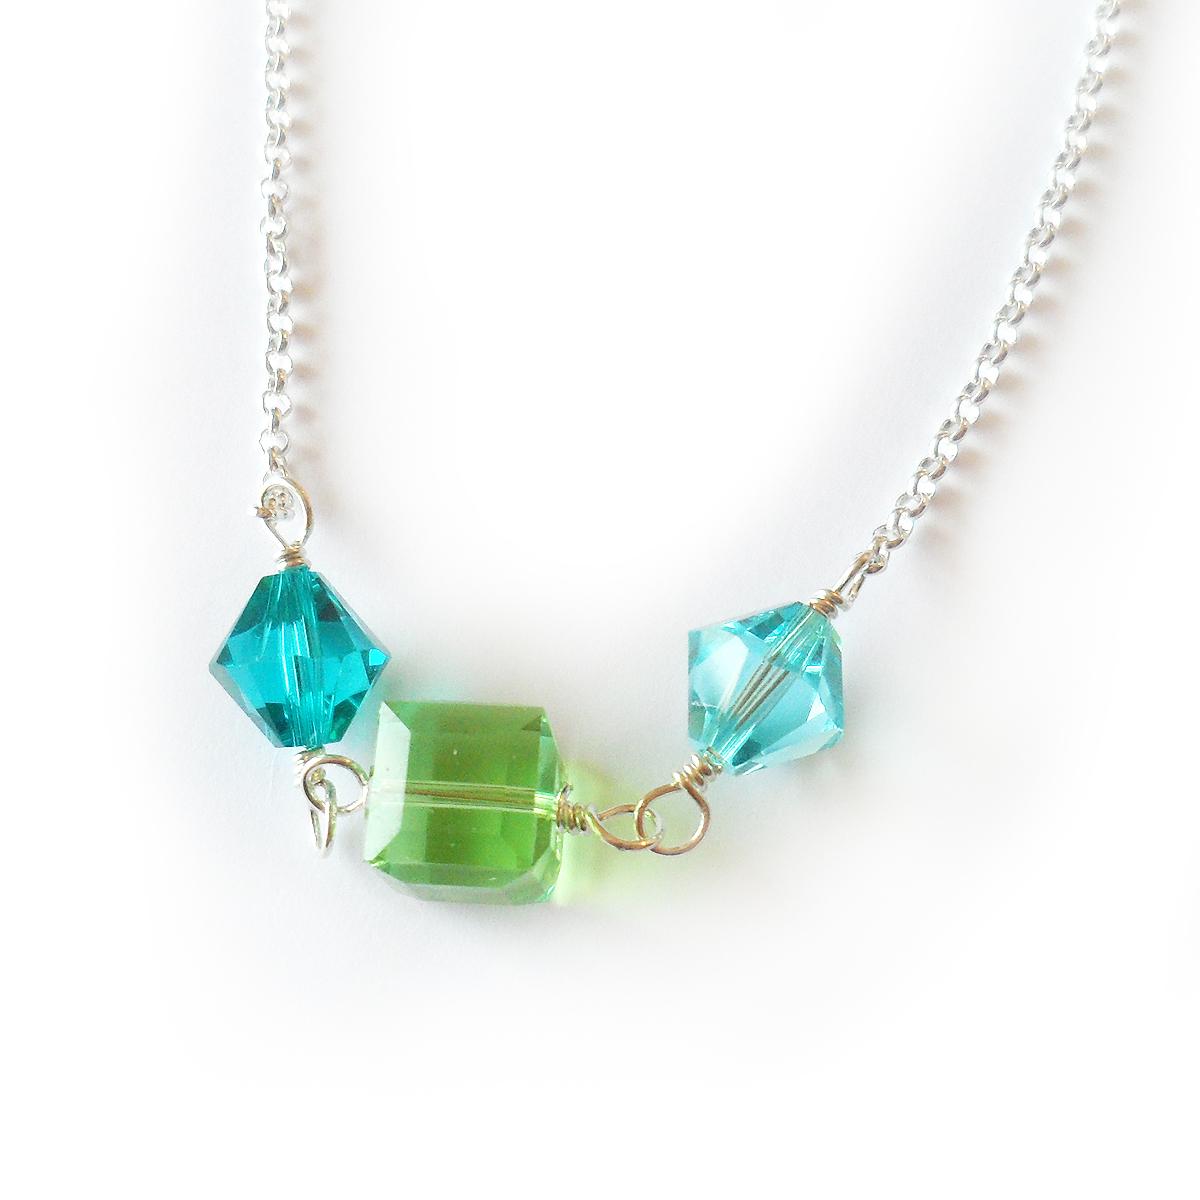 collar-megan-en-plata-de-ley-y-cuentas-de-swarovski-verde-y-azul-3